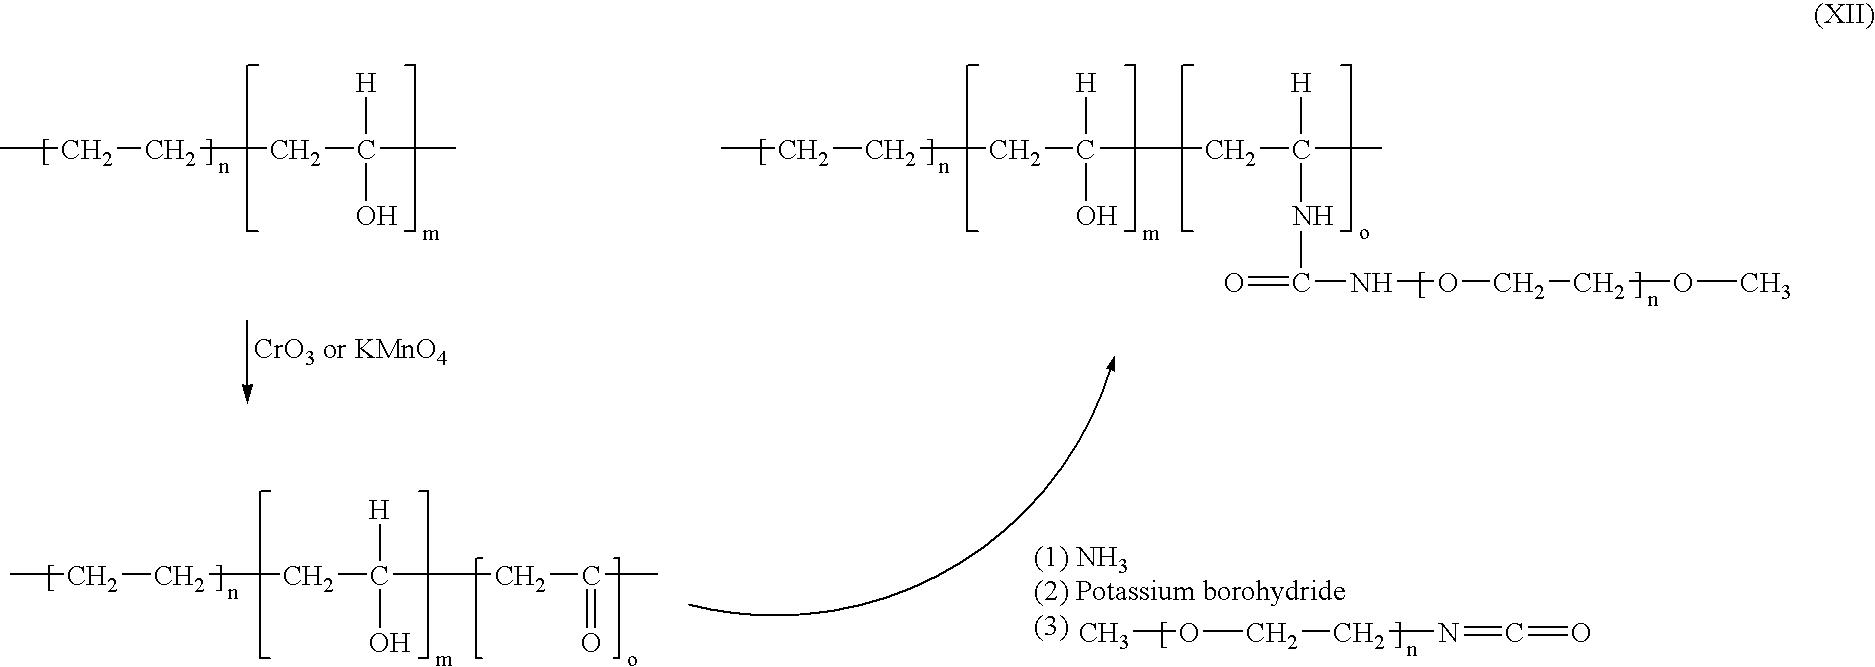 Figure US20050070936A1-20050331-C00030